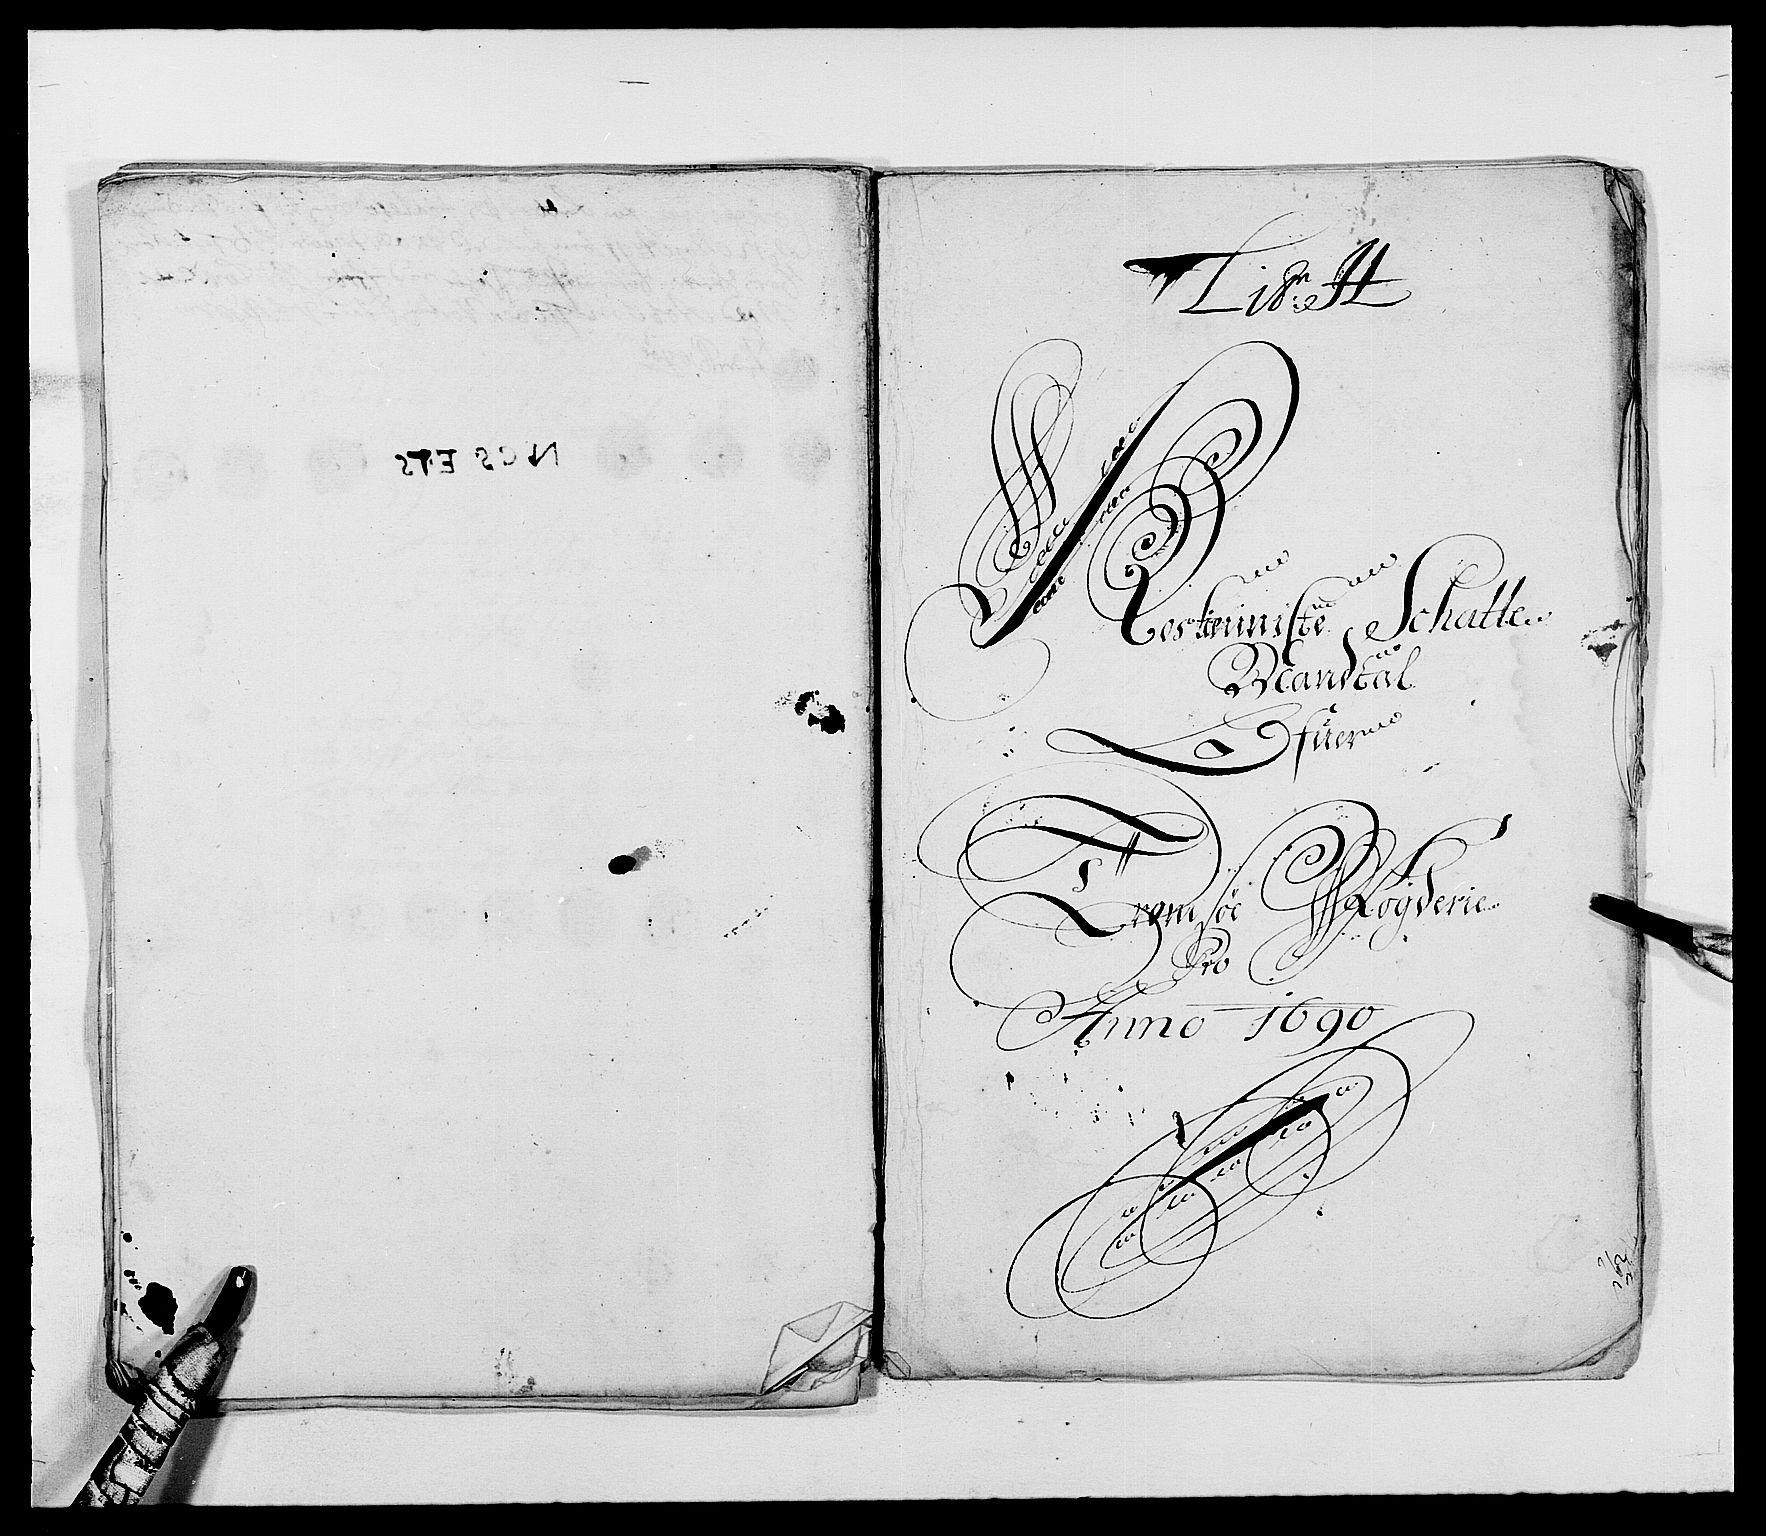 RA, Rentekammeret inntil 1814, Reviderte regnskaper, Fogderegnskap, R68/L4751: Fogderegnskap Senja og Troms, 1690-1693, s. 59